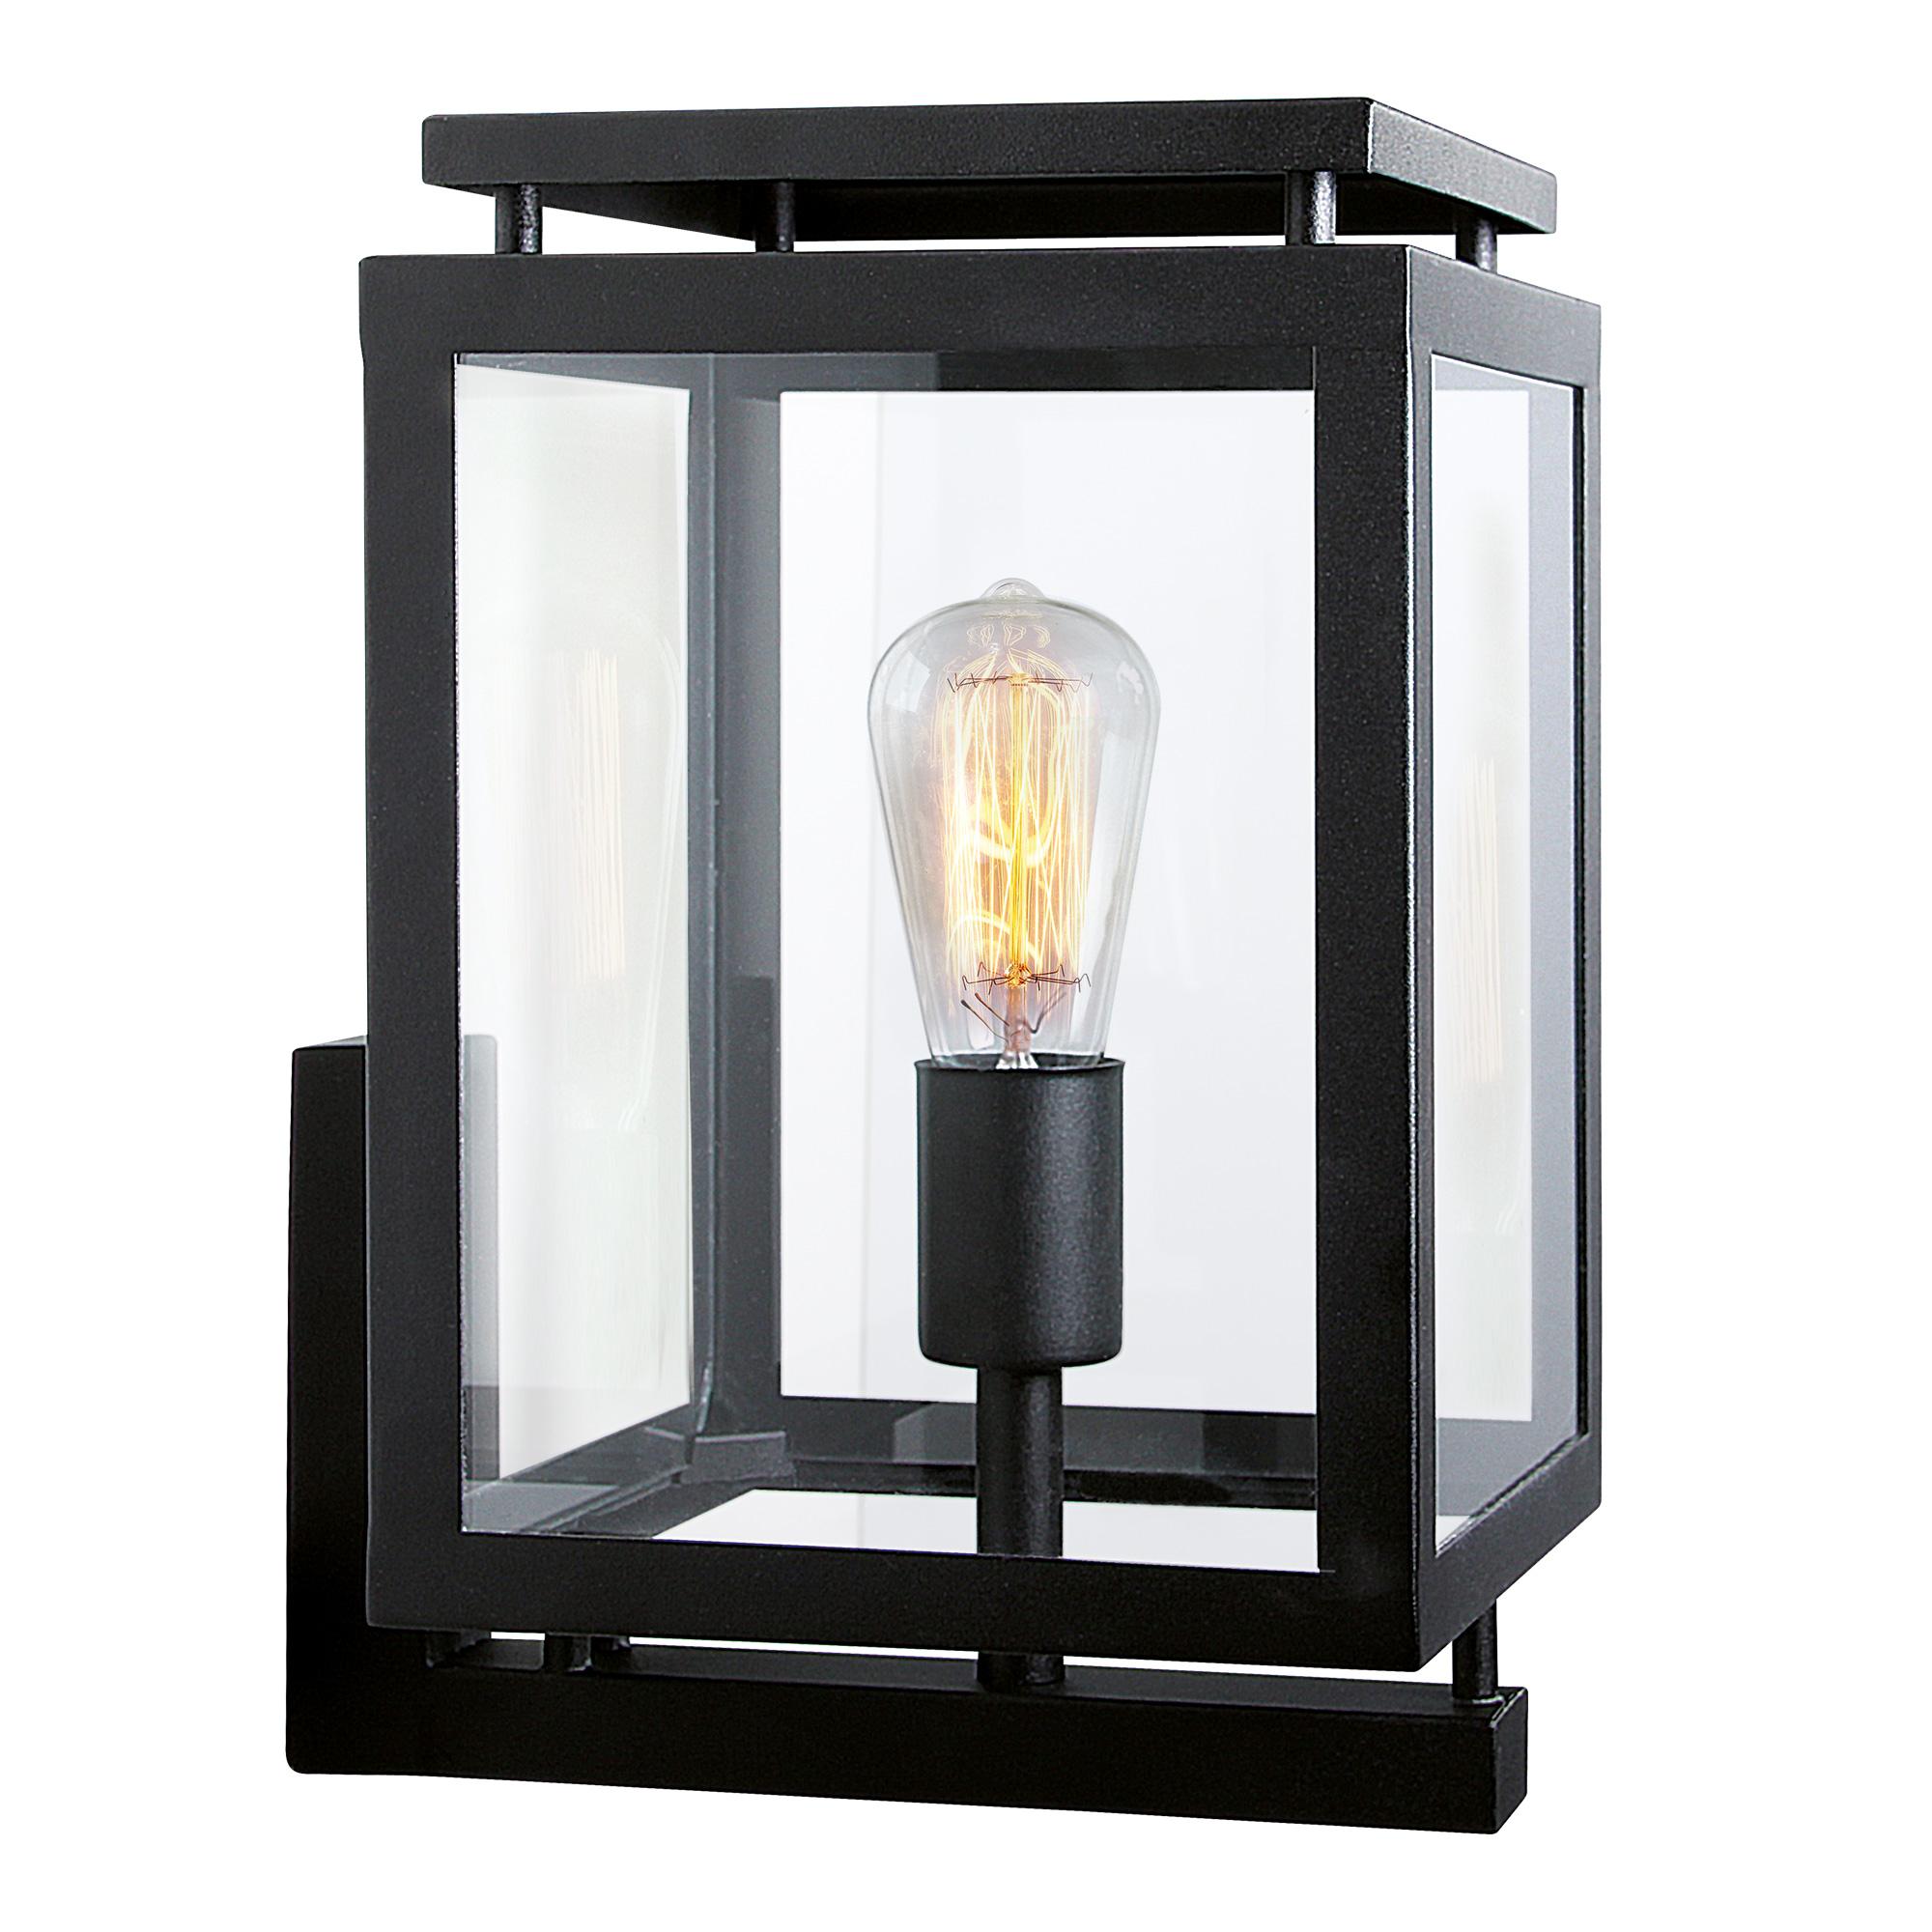 Buitenlamp Vecht Zwart met smart WIFI led